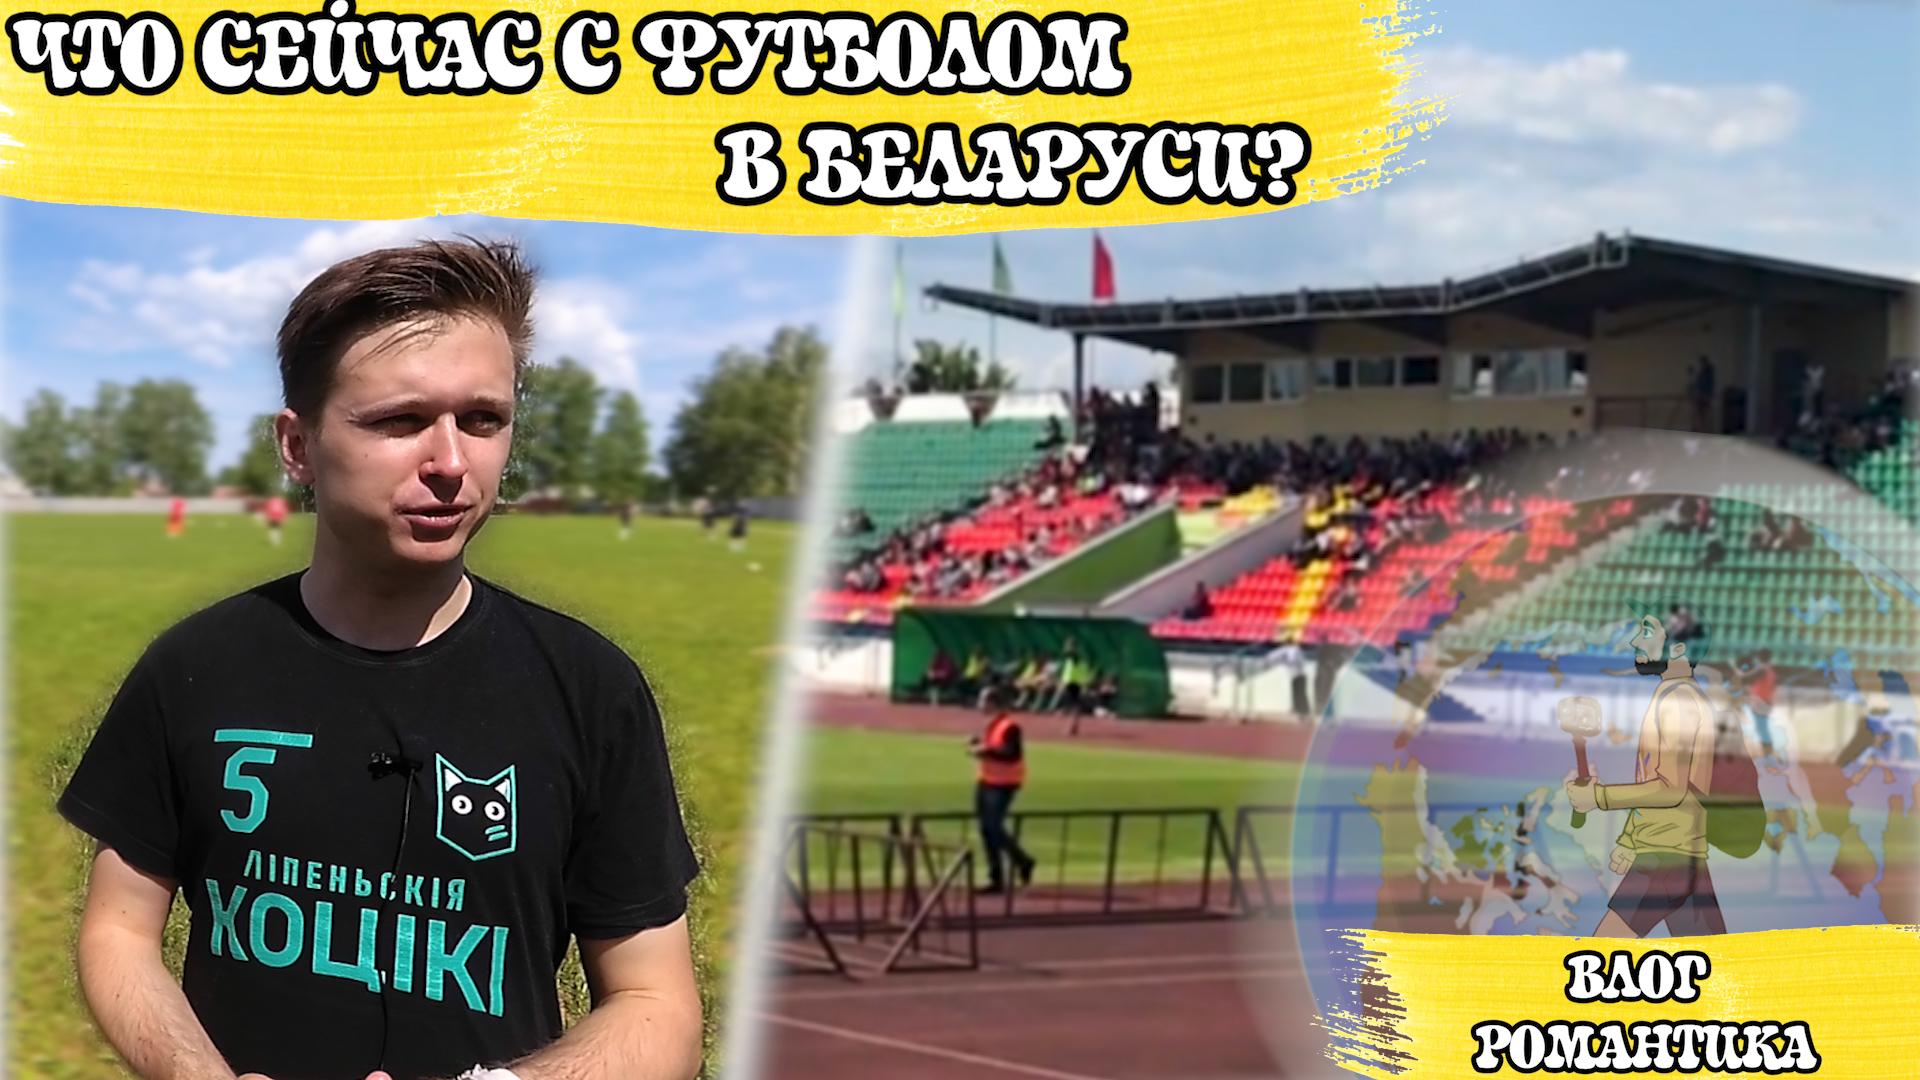 стадион Спартак Бобруйск, Белшина, Осиповичи